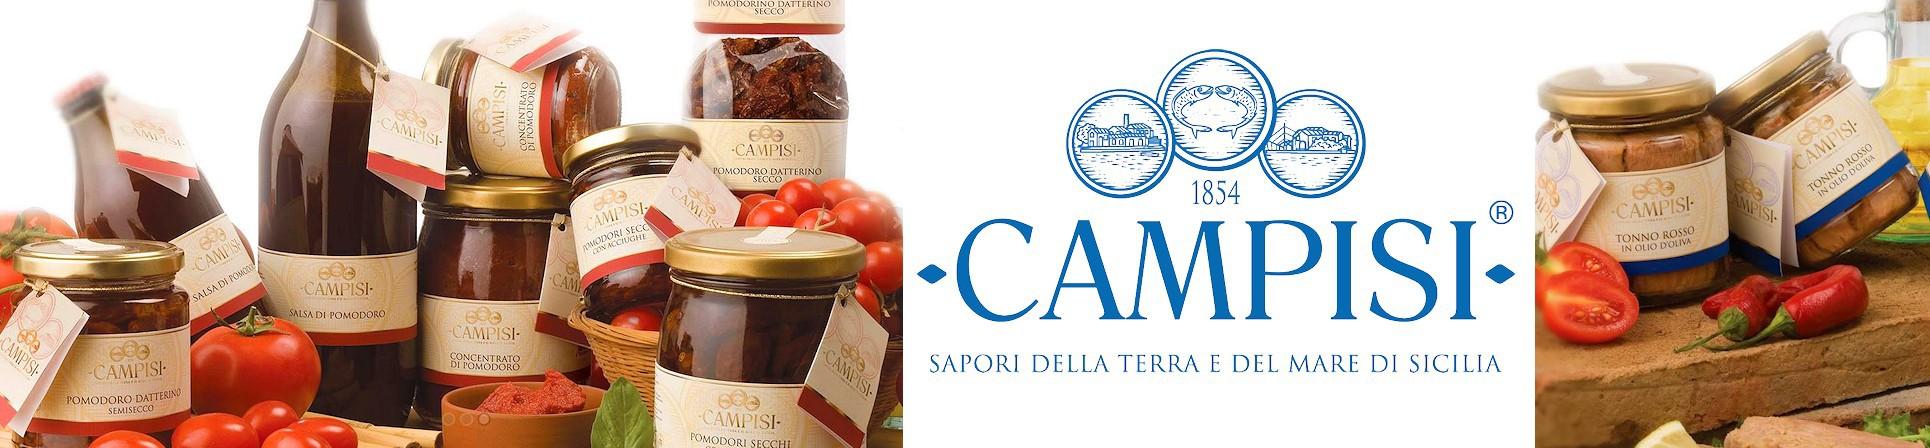 B2B GUSTOX - il Marketplace all'ingrosso delle eccellenze agroalimentari italiane - CAMPISI